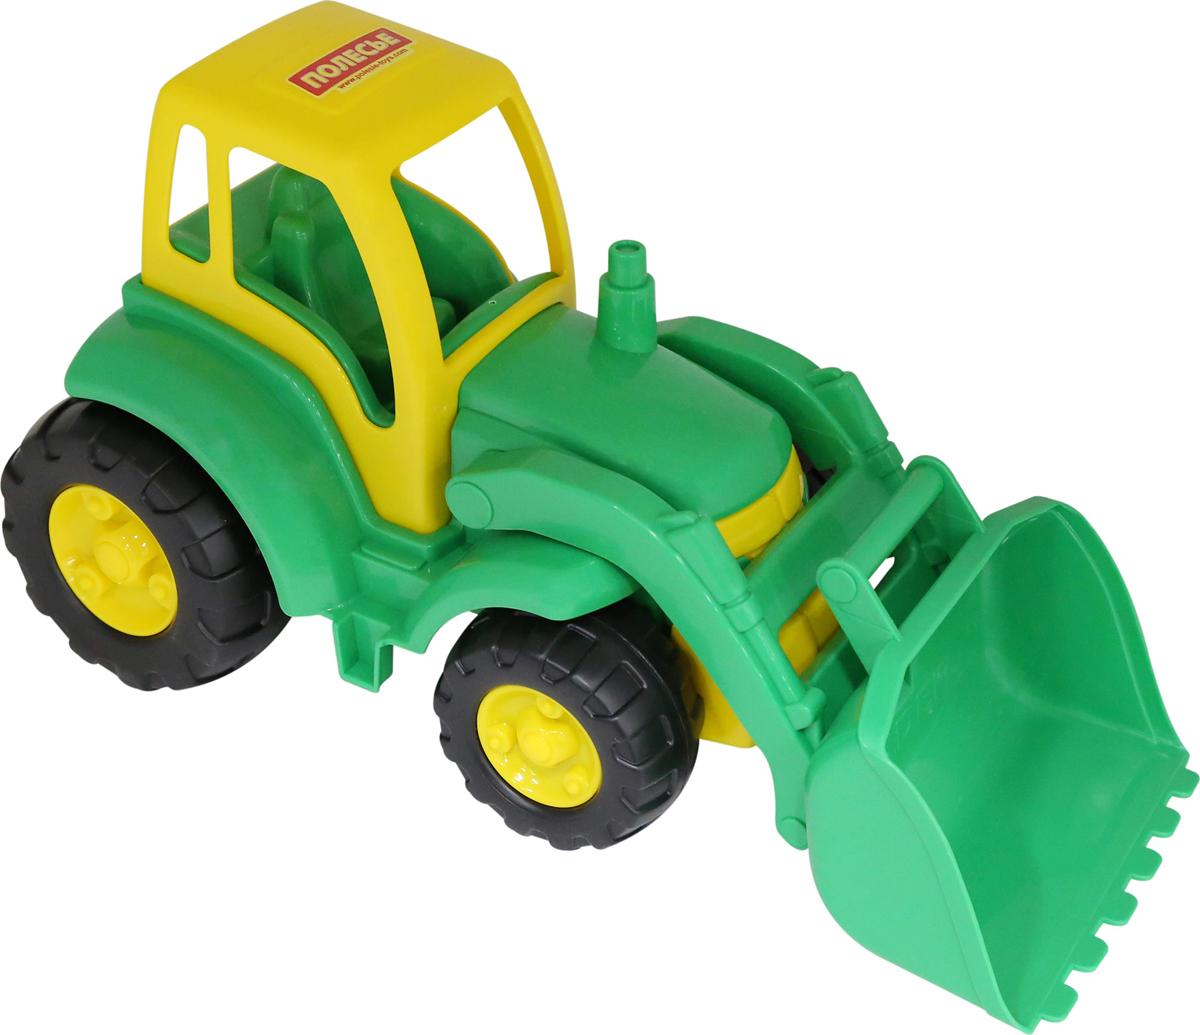 Полесье Трактор Чемпион с ковшом, цвет в ассортименте polesie трактор с лопатой и ковшом чемпион полесье